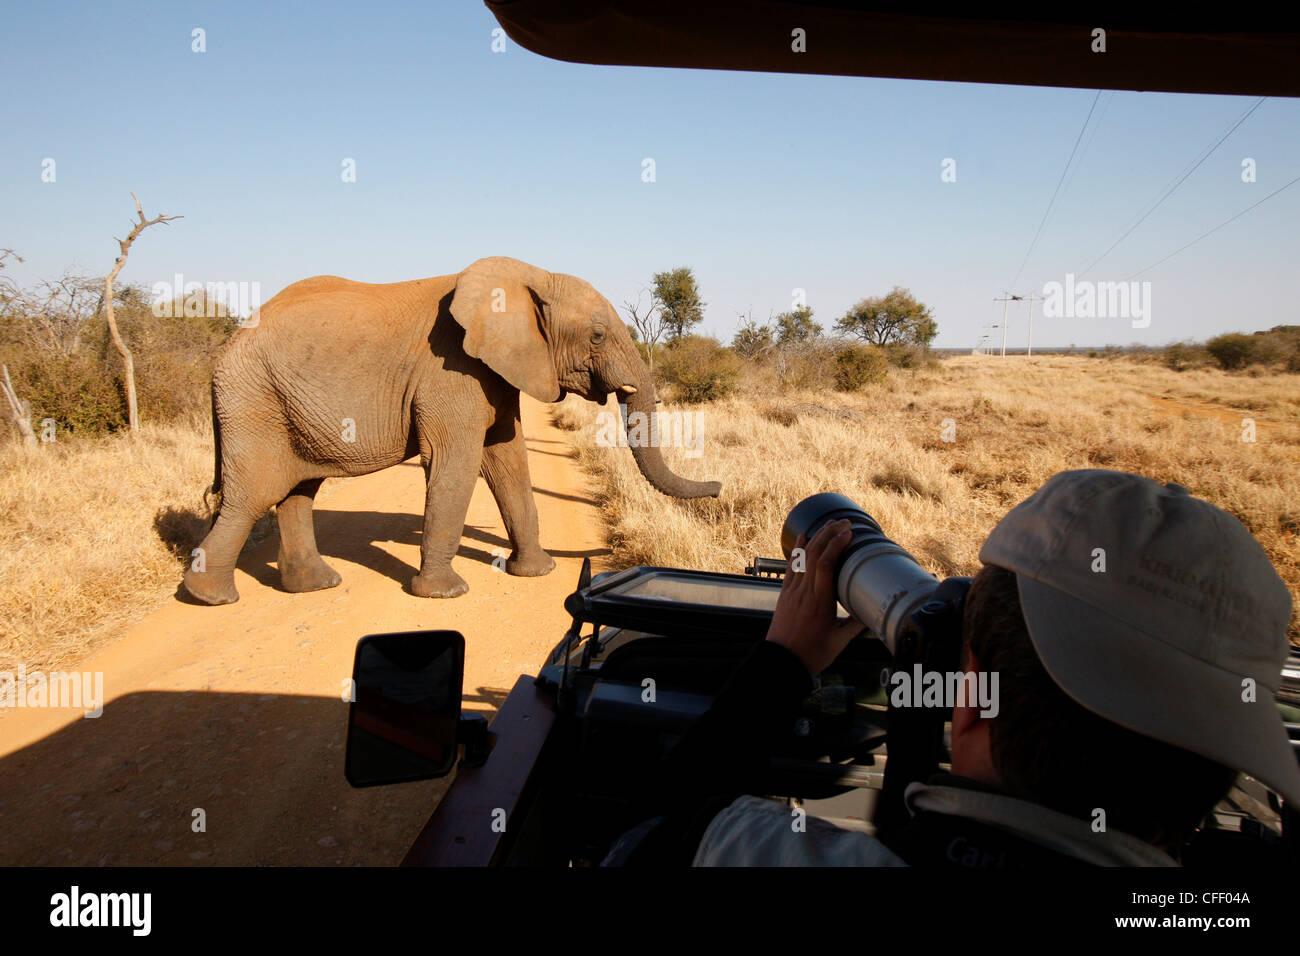 Elefante africano en la parte delantera del vehículo de safari, la Reserva de Caza Madikwe, Madikwe, Sudáfrica, Imagen De Stock